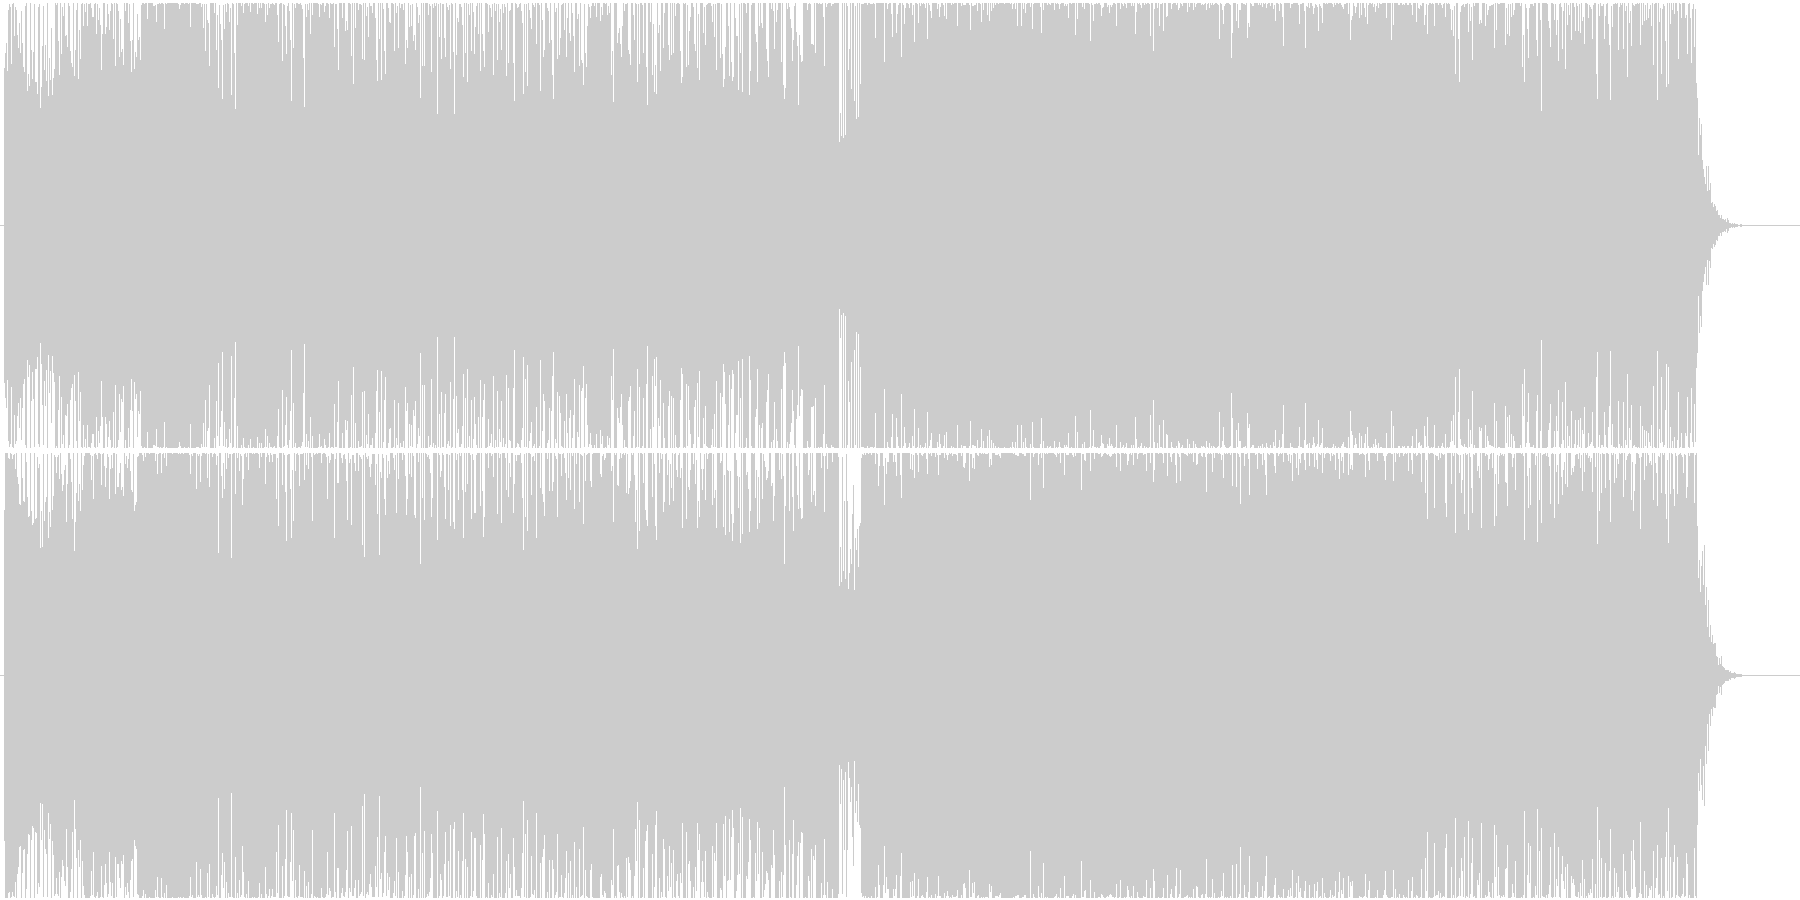 キラキラしたダンスミュージックの未再生の波形